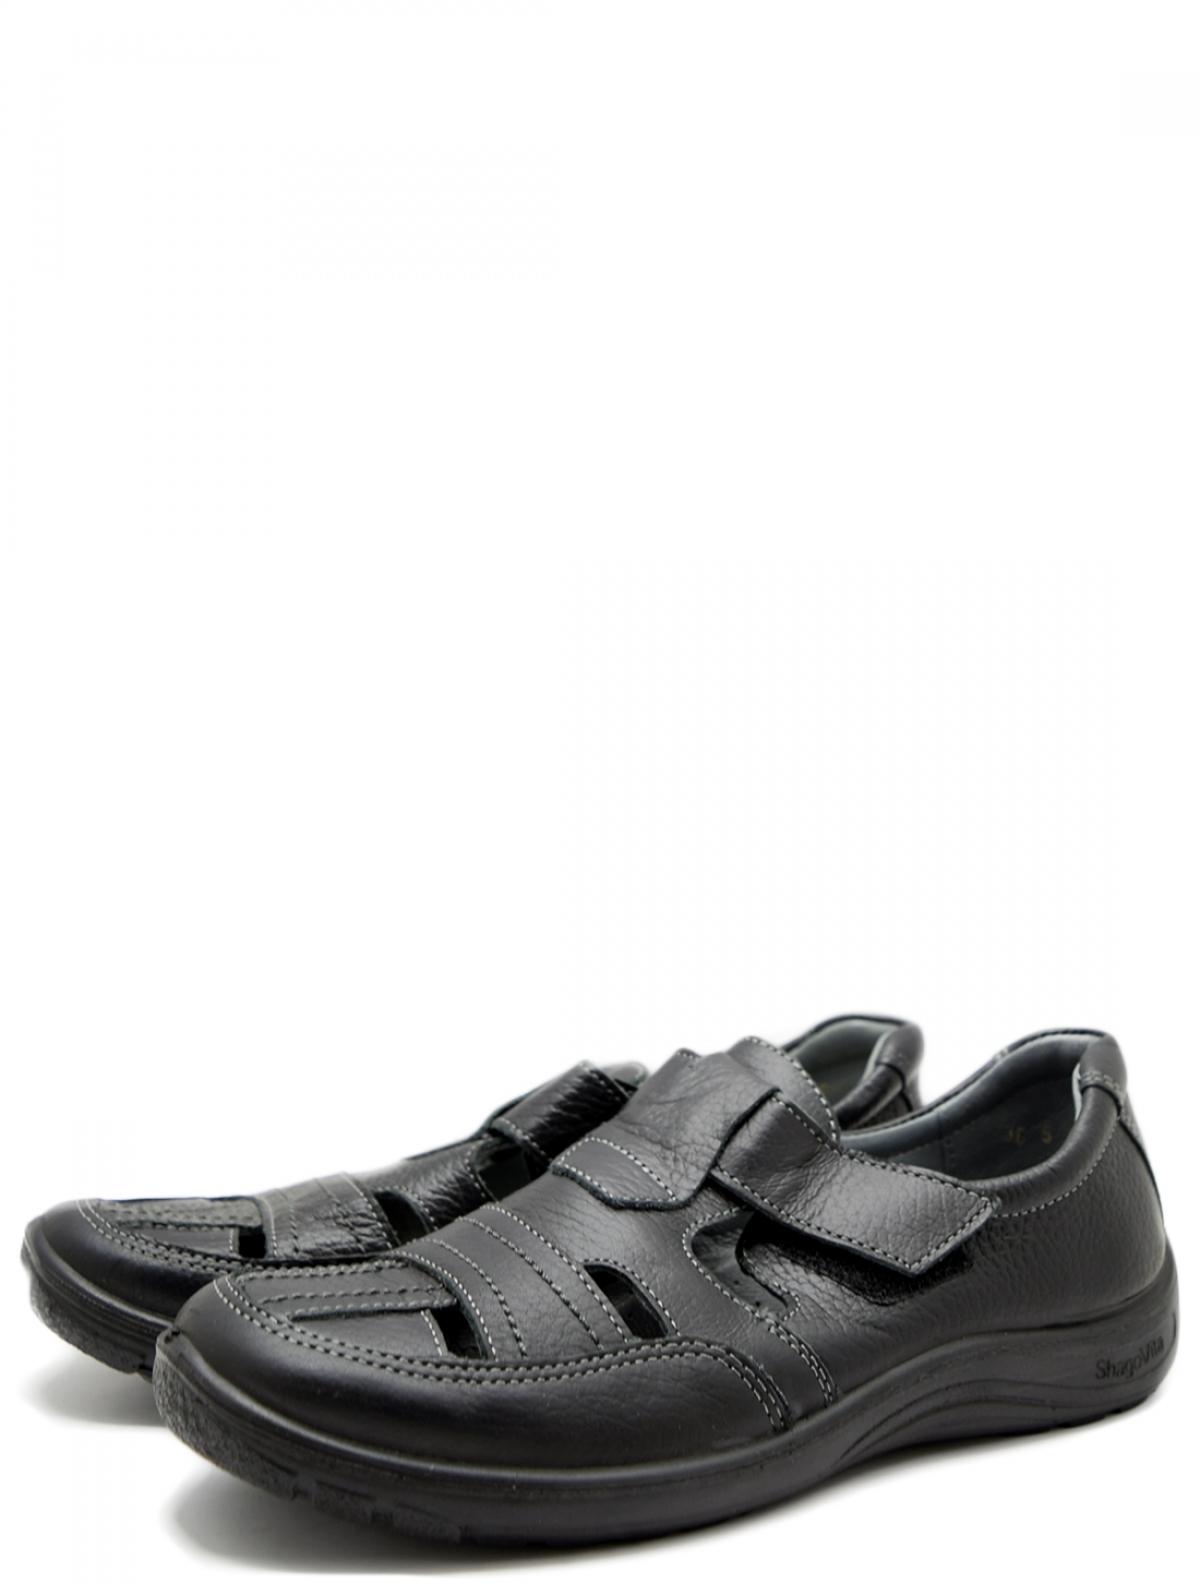 Shagovita 51319 туфли для мальчика